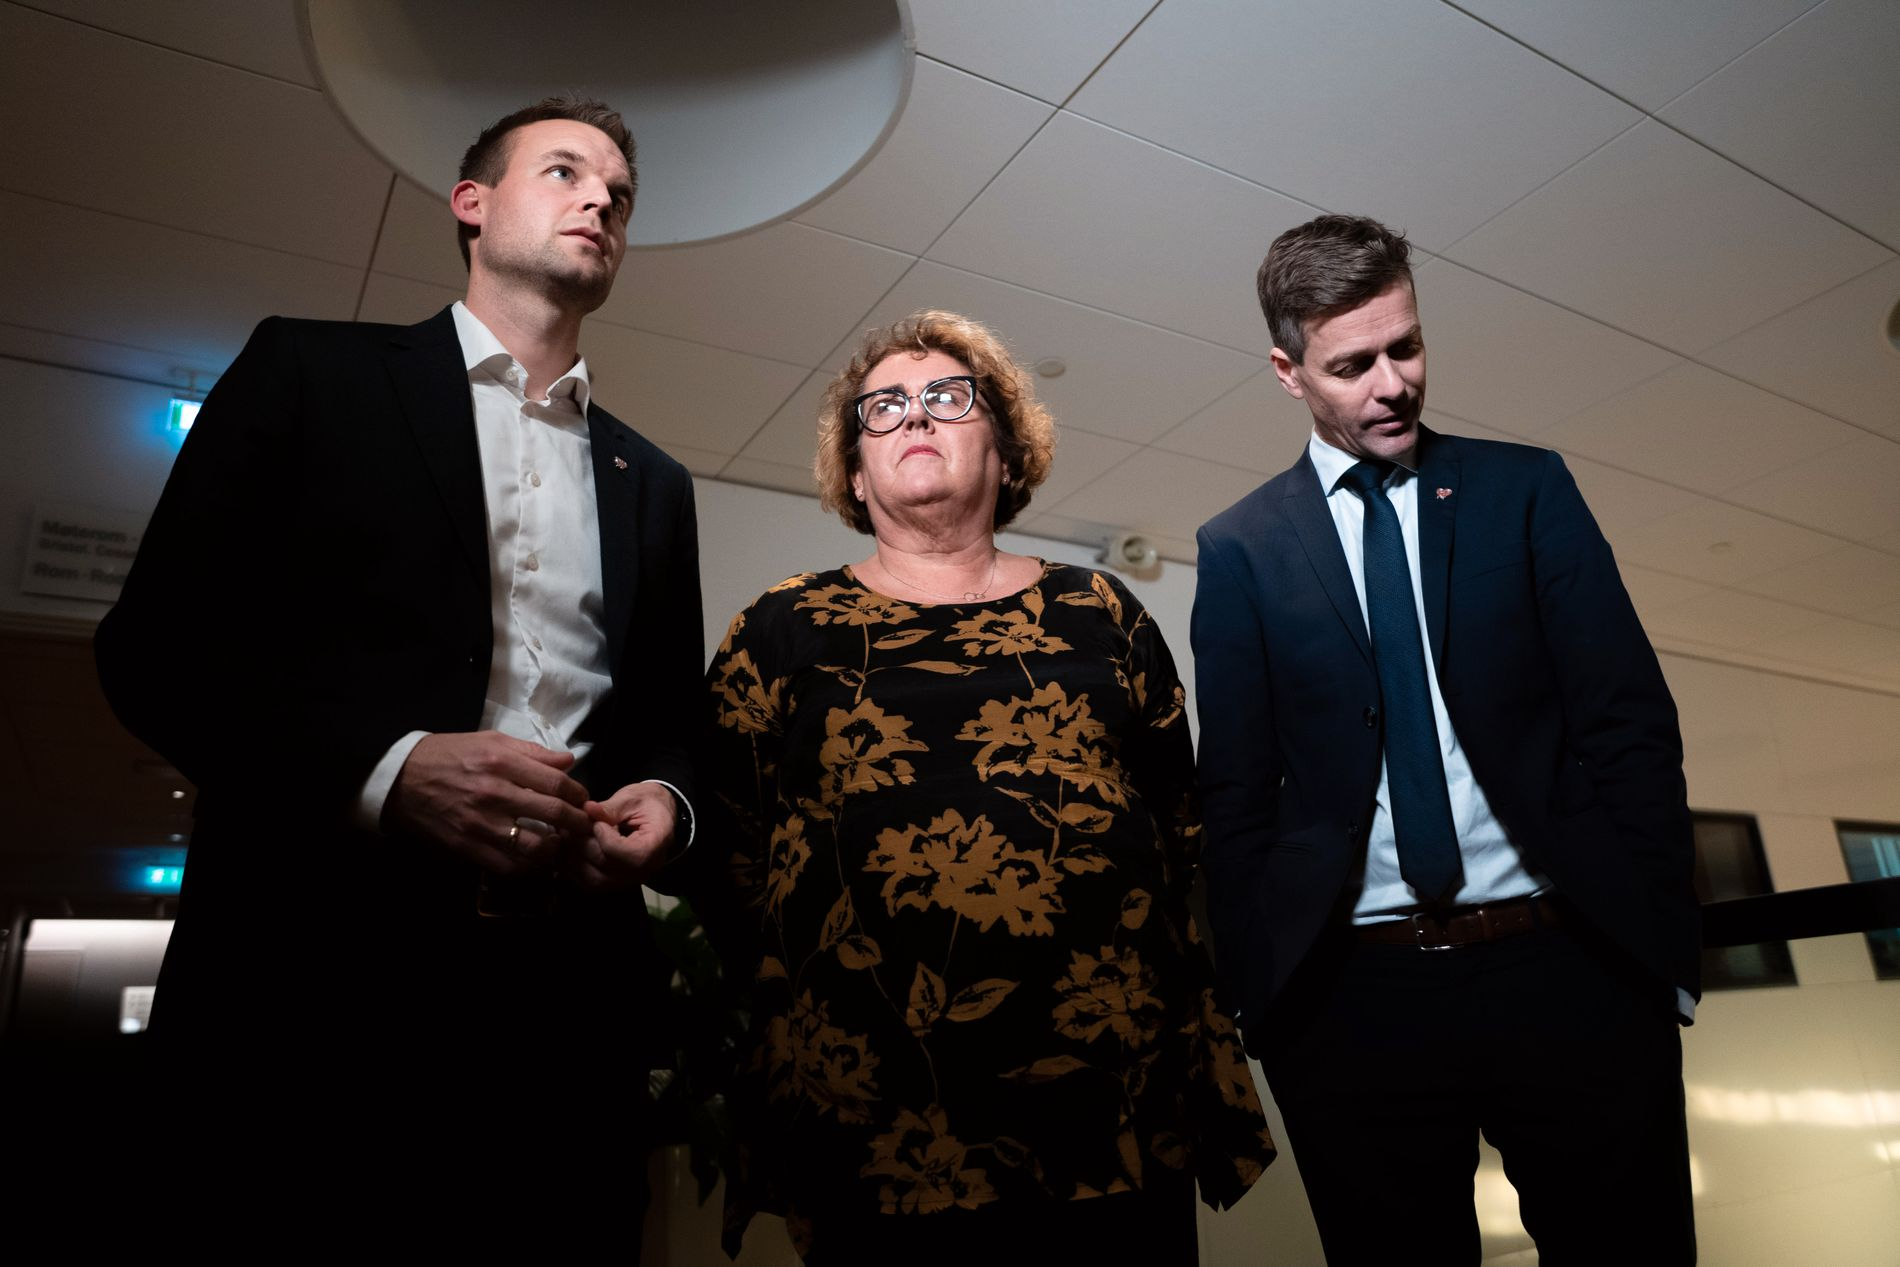 LEDERTRIOEN: Partileder Knut Arild Hareide med nestlederne Kjell Ingolf Ropstad og Olaug Bollestad.